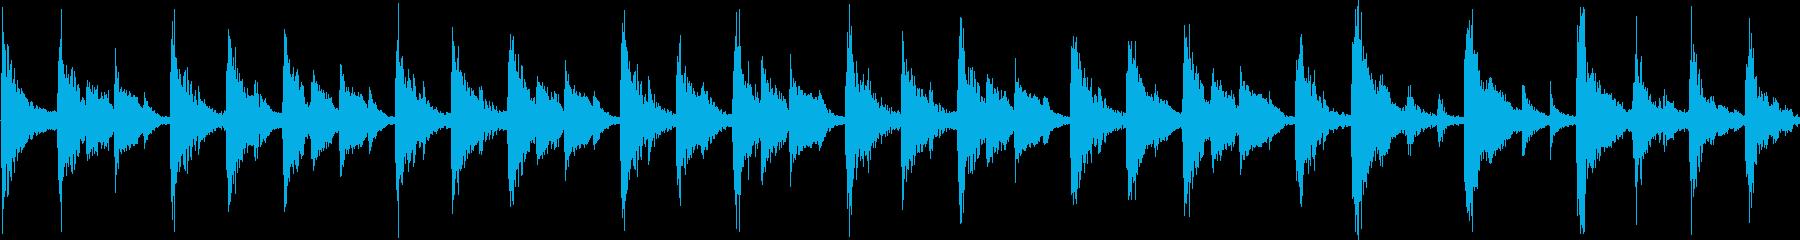 軽快なリズムのコミカルなジングル_ループの再生済みの波形